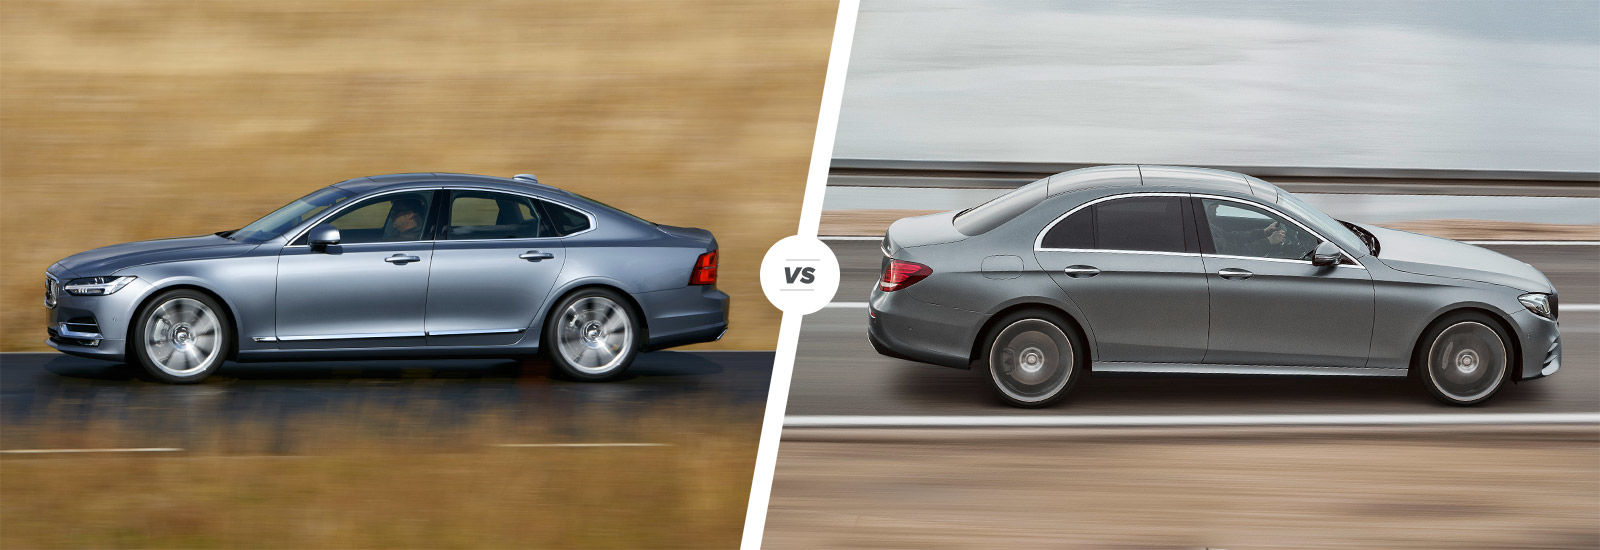 volvo s90 vs mercedes e-class comparison | carwow